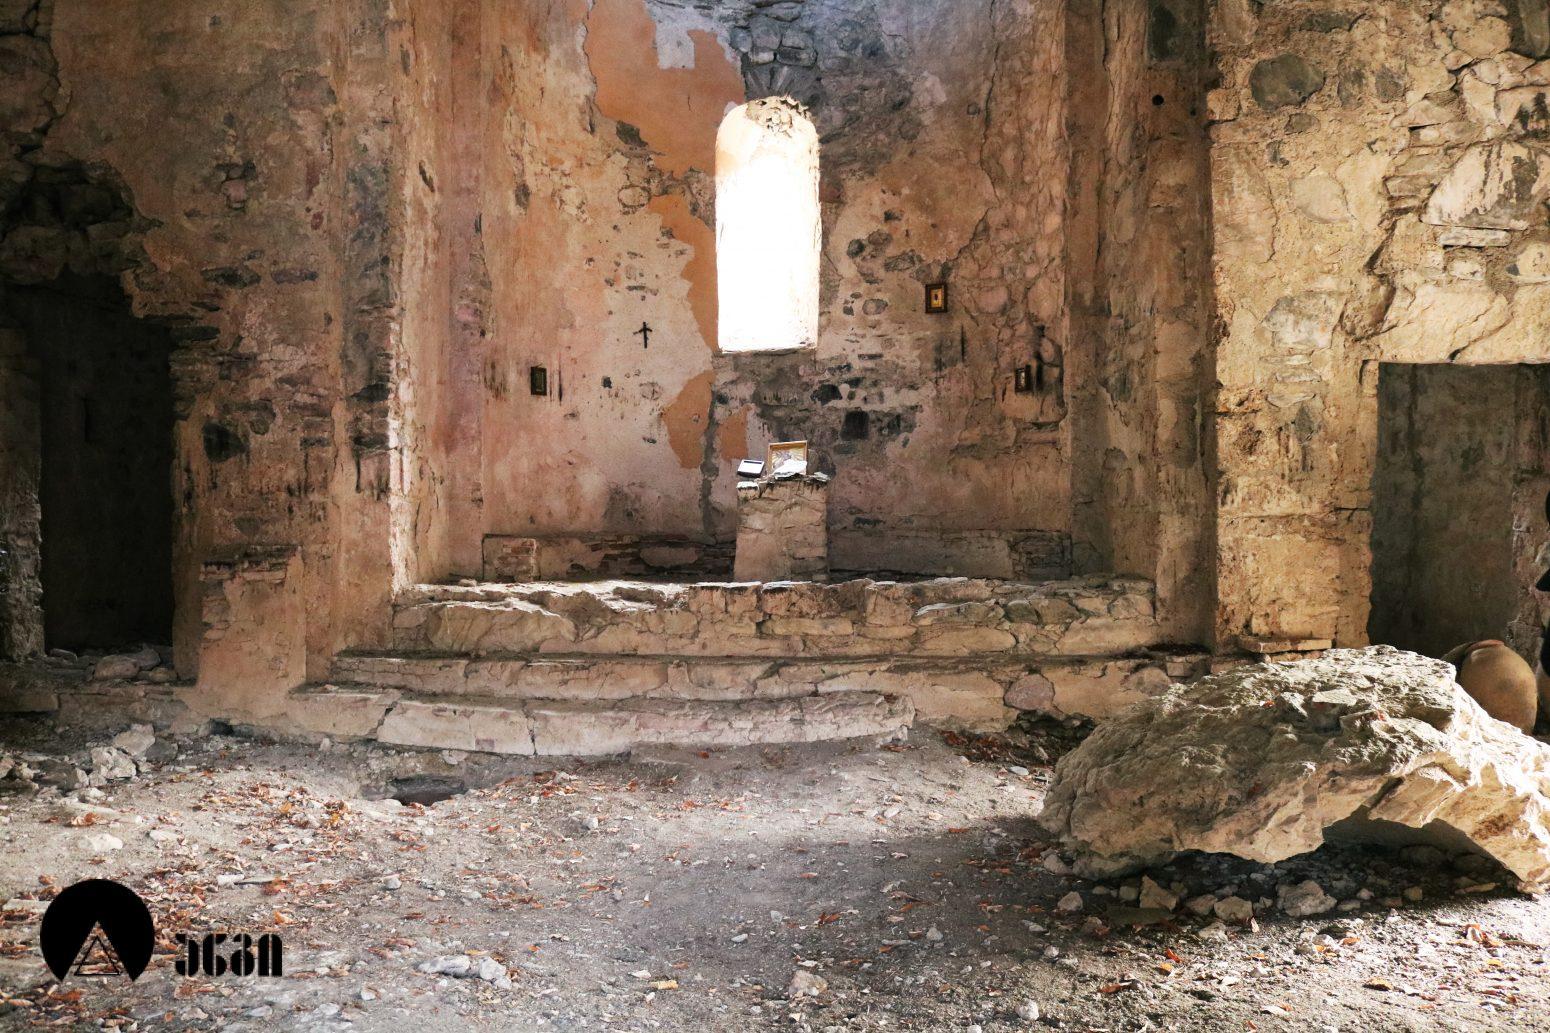 ვარცანის (ბარცანის) ღვთისმშობლის სახელობის ეკლესია